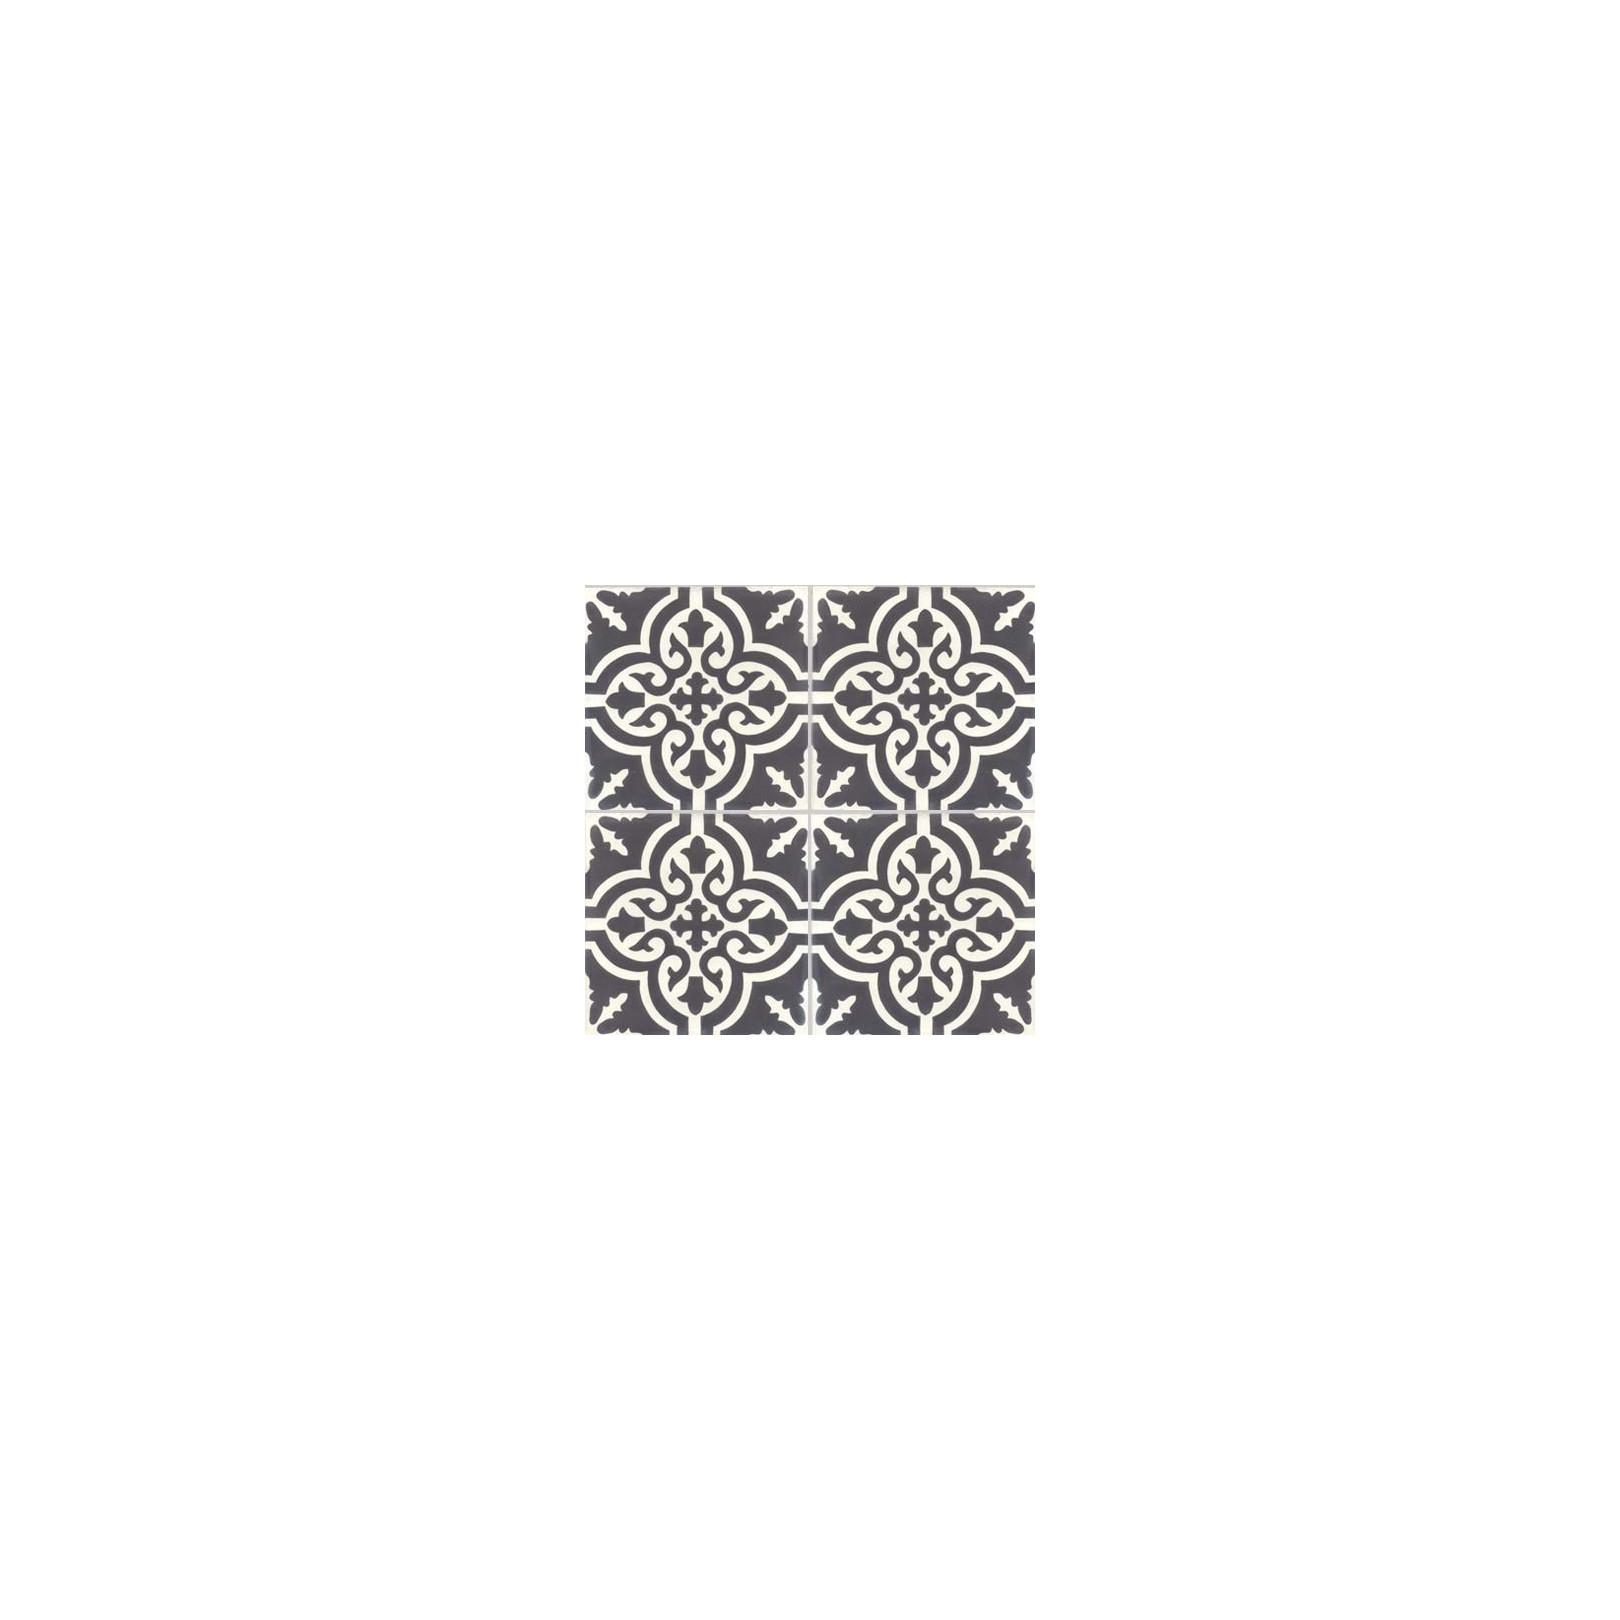 carreau de ciment color motif 4 carreaux noir et blanc trouville casalux home design. Black Bedroom Furniture Sets. Home Design Ideas